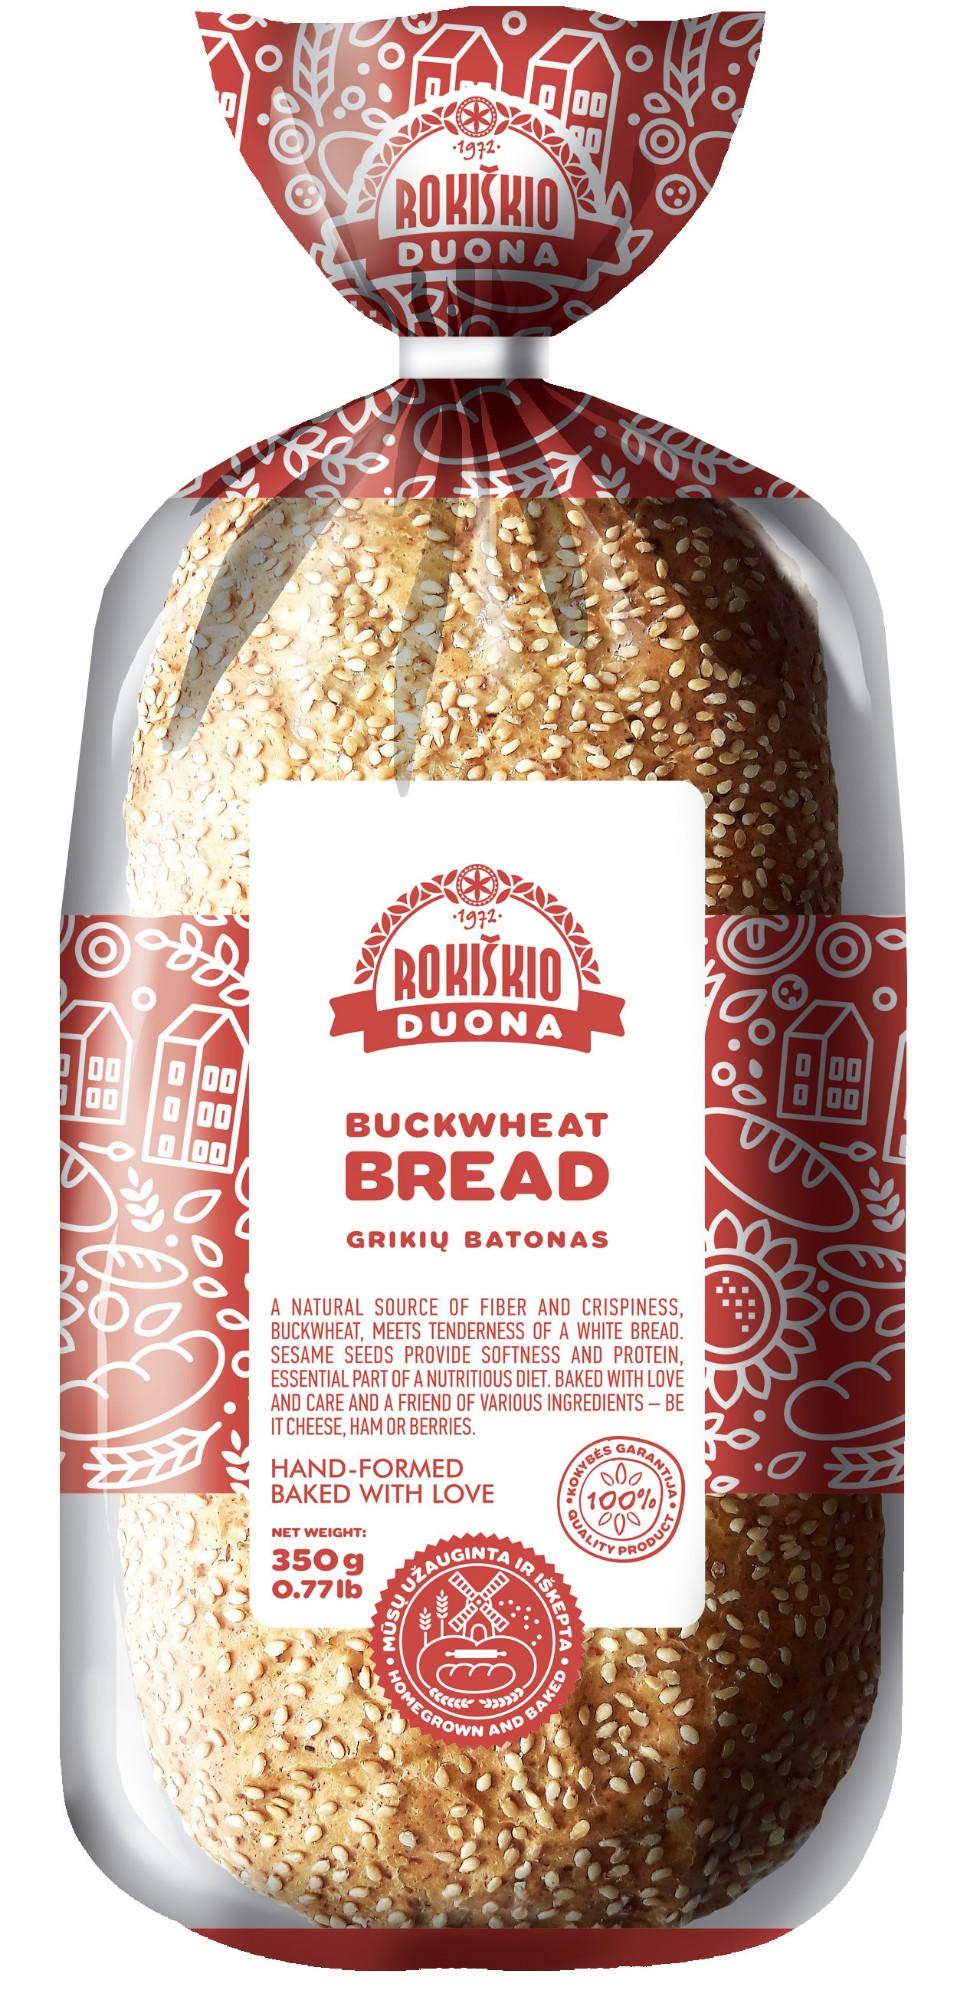 Grikių batonas Rokiškio duona, 300g